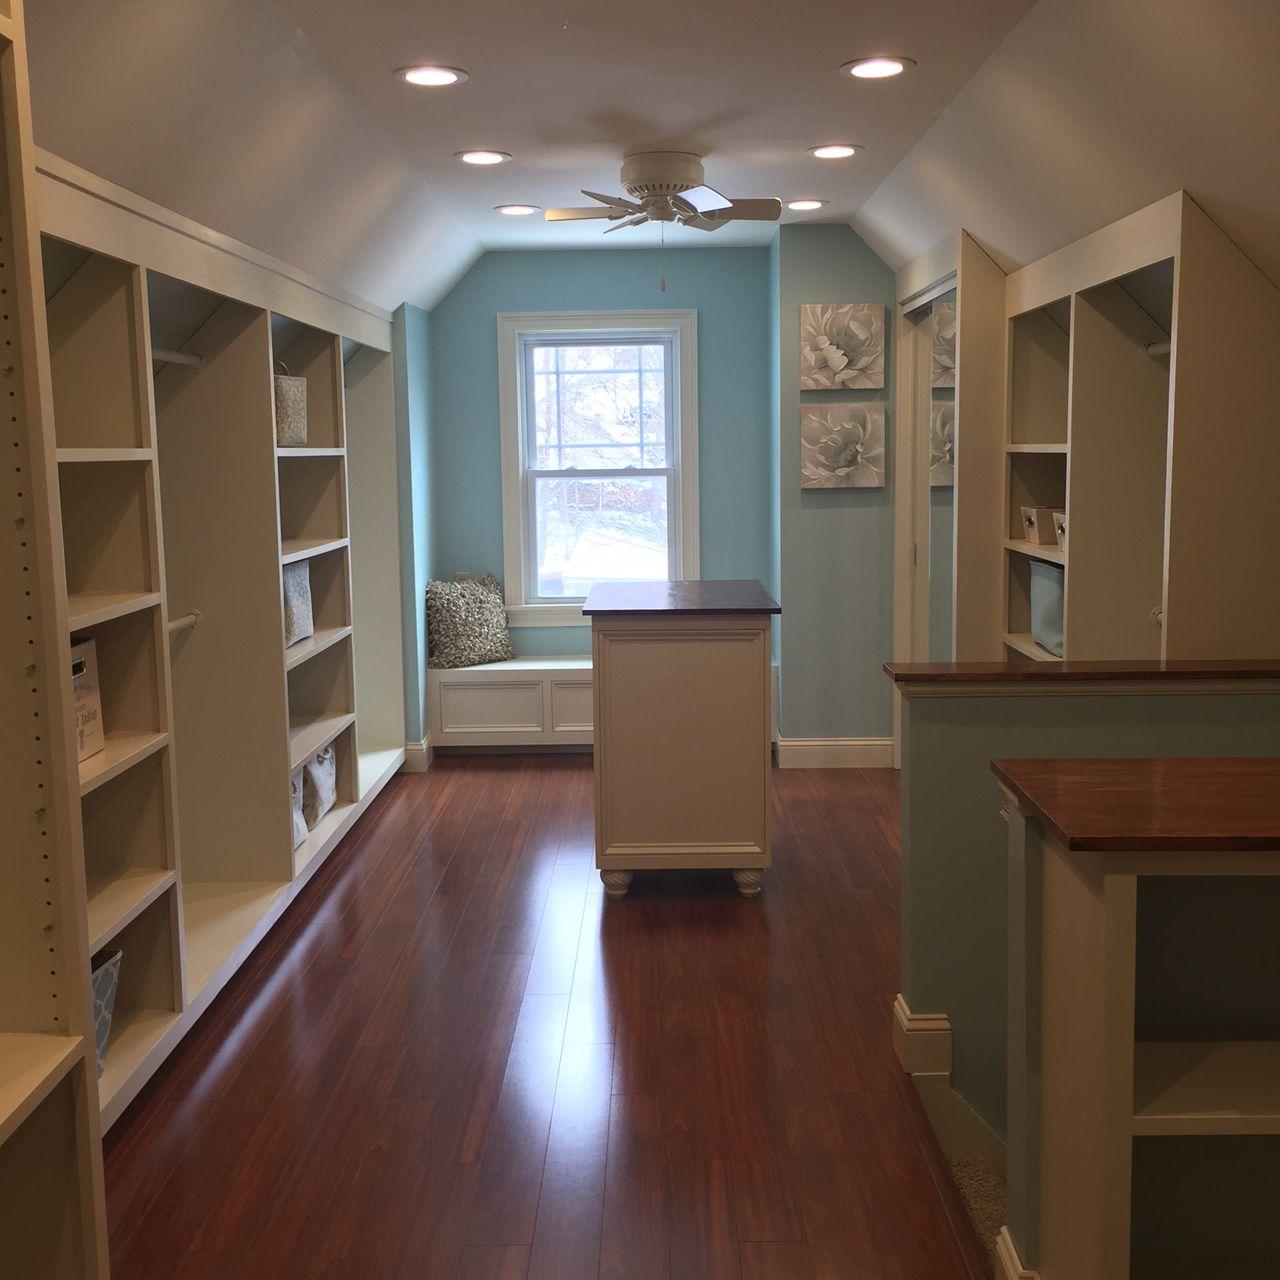 Attic Closet Design Ideas: Part Of Attic Converted To Walk In Closet